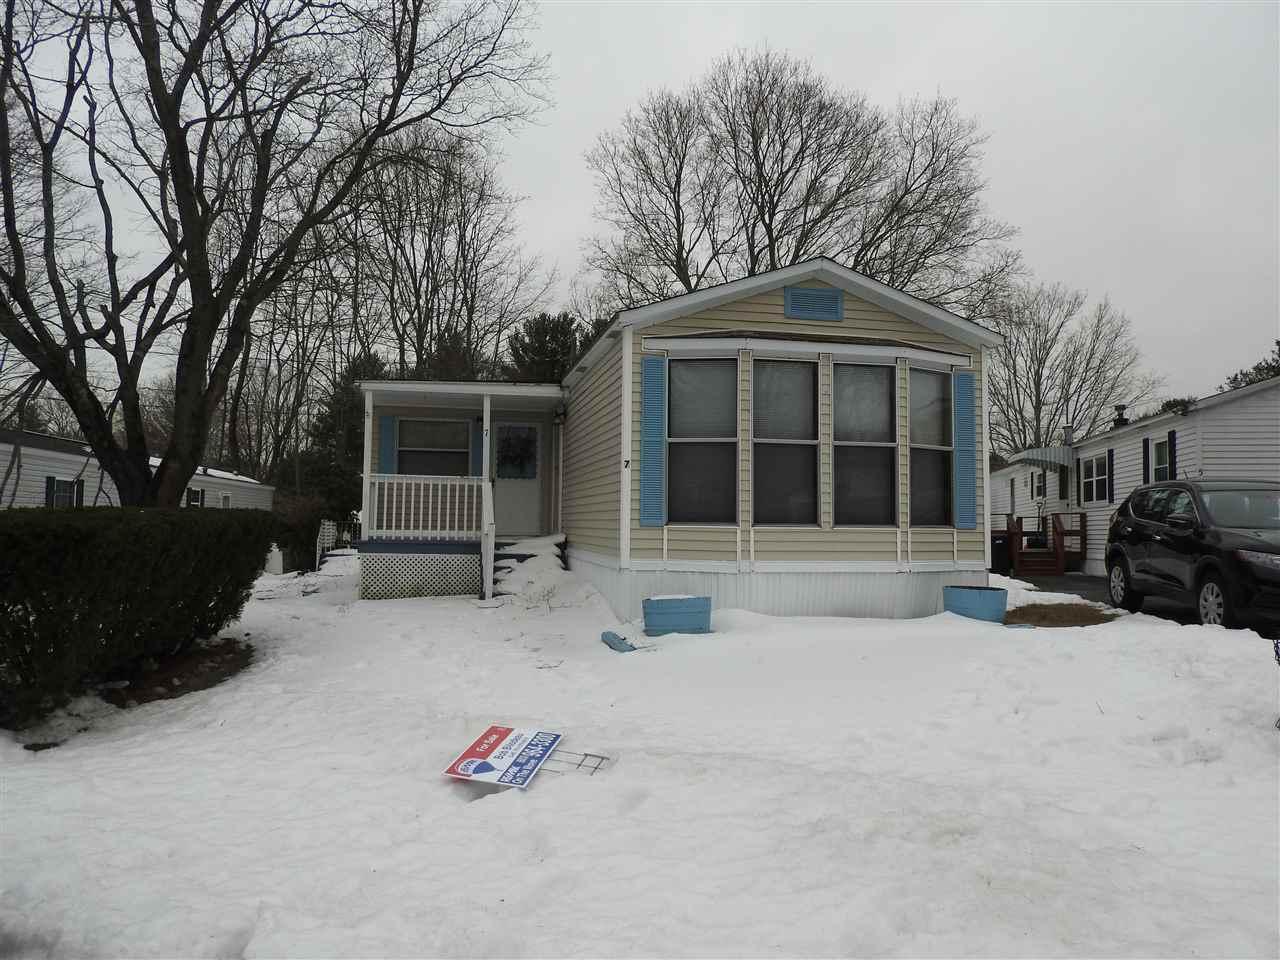 7 Seabreeze Drive Drive, North Hampton, NH 03862